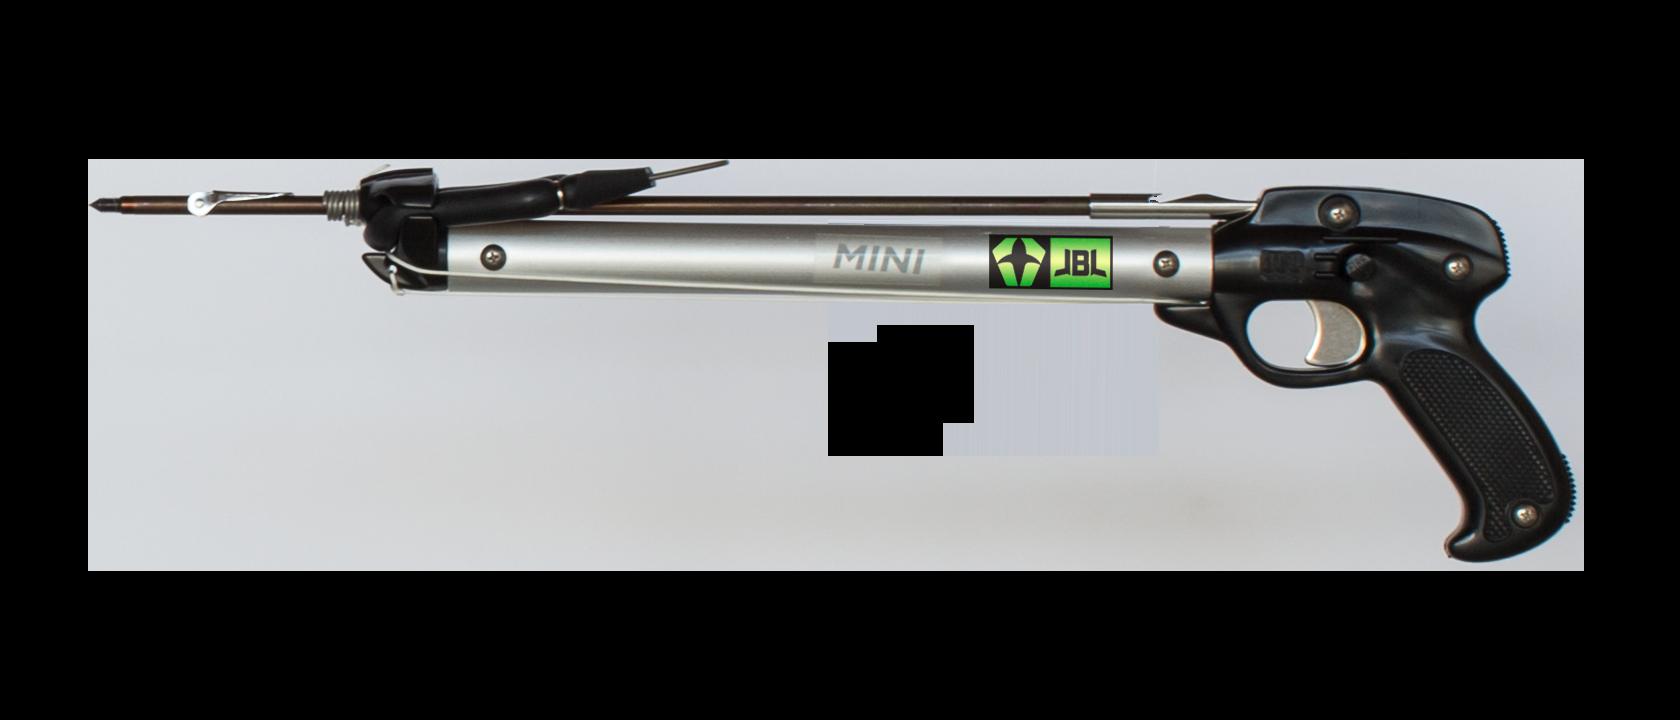 JBL Mini Spear Gun